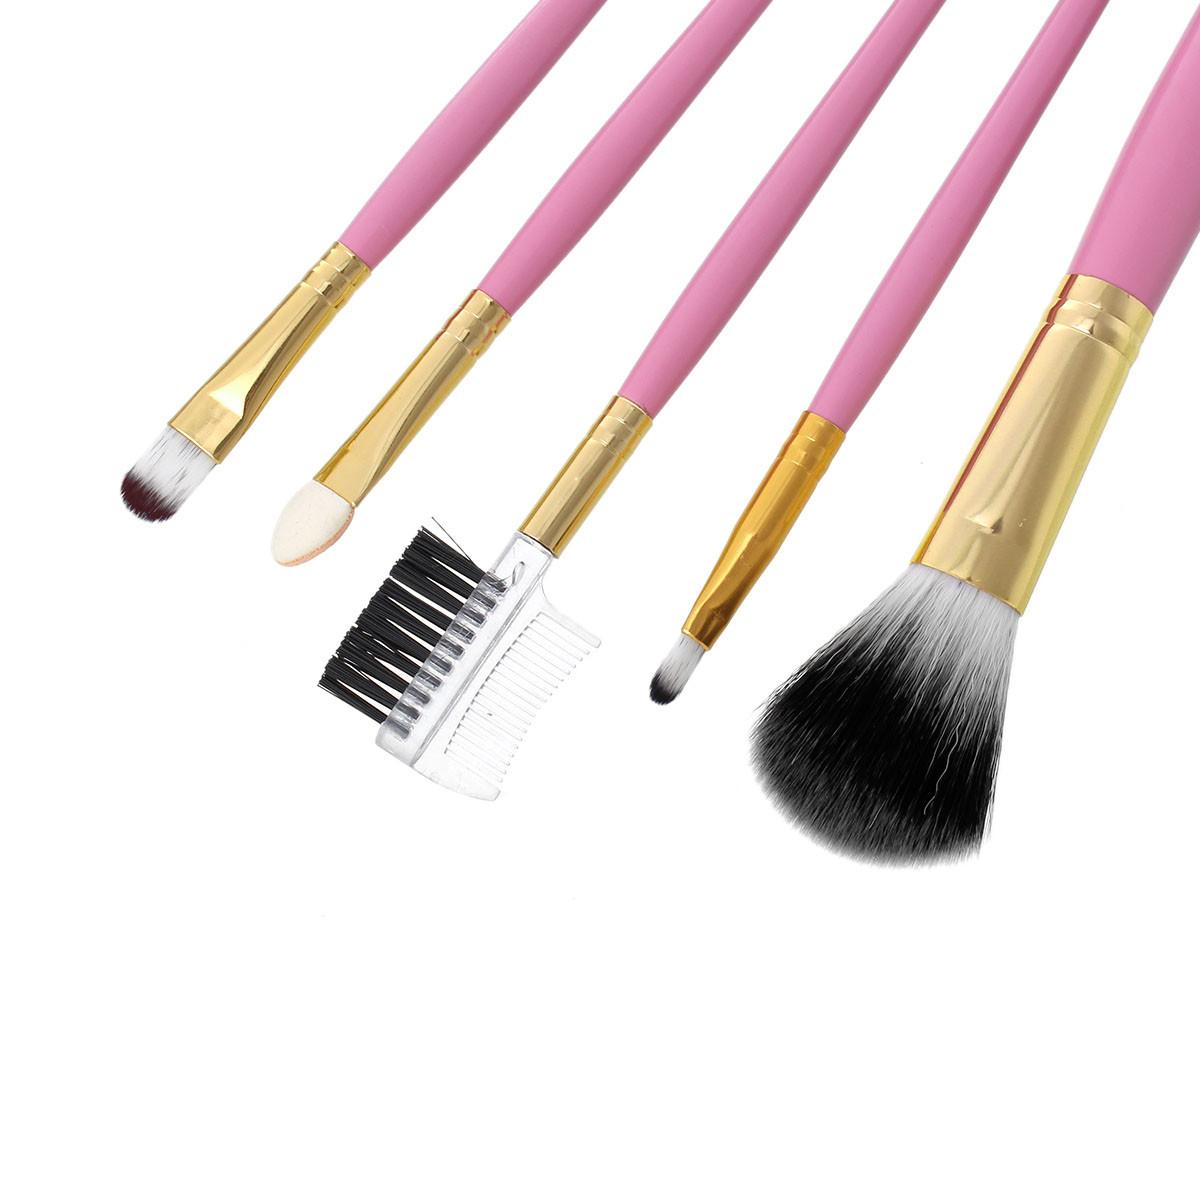 Кисти для макияжа розовые Качество 5 шт